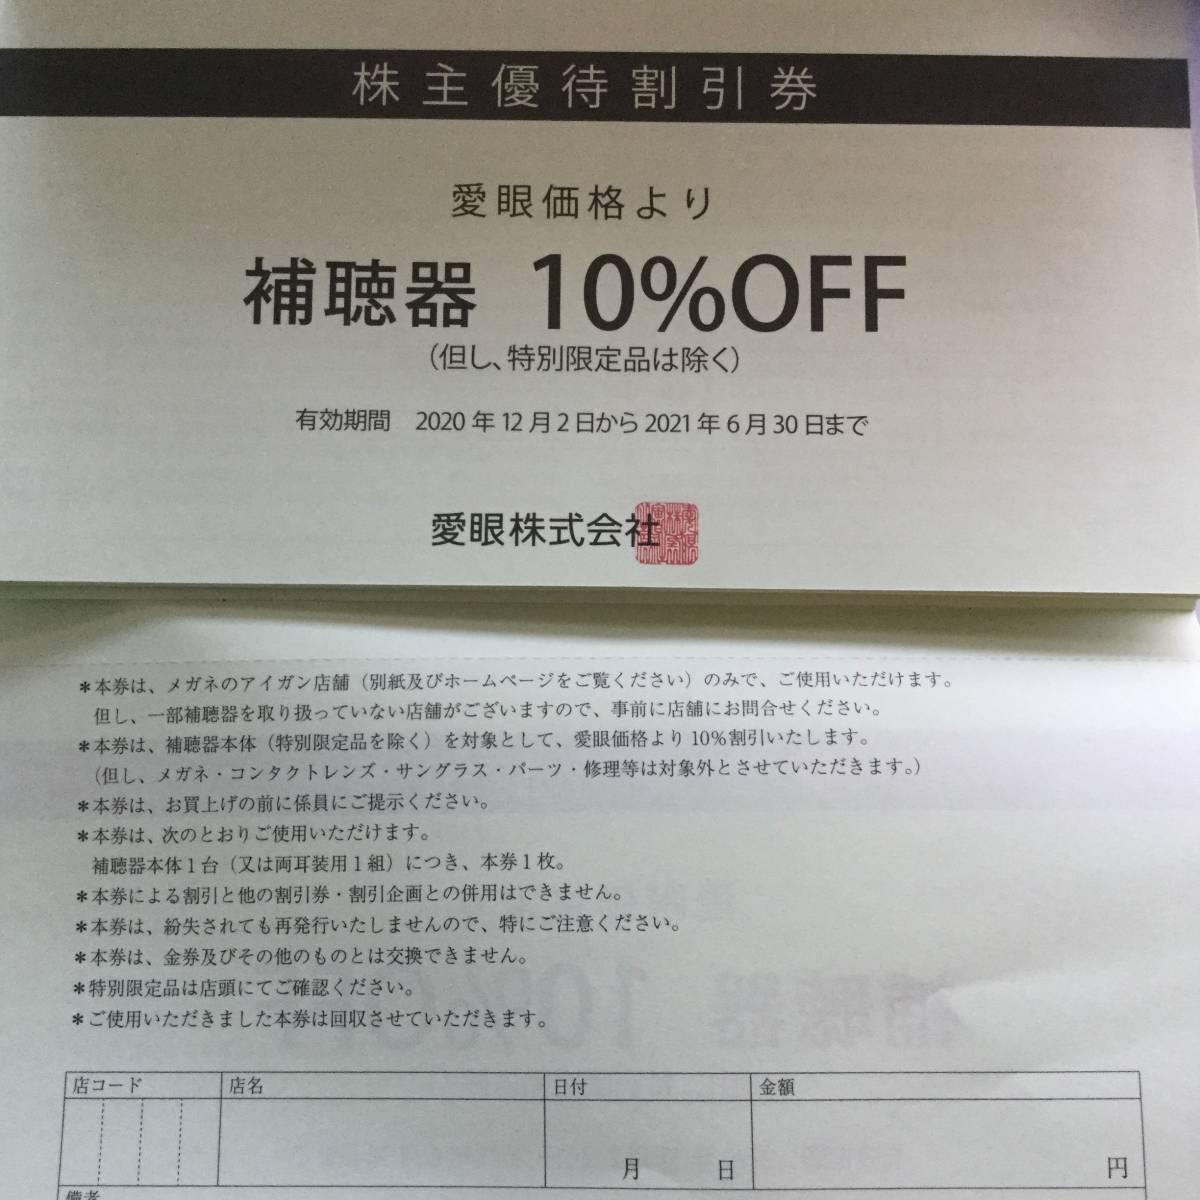 メガネの愛眼 メガネ30%OFF1枚 補聴器10%OFF1枚■ 3.6.30 No.23_画像4